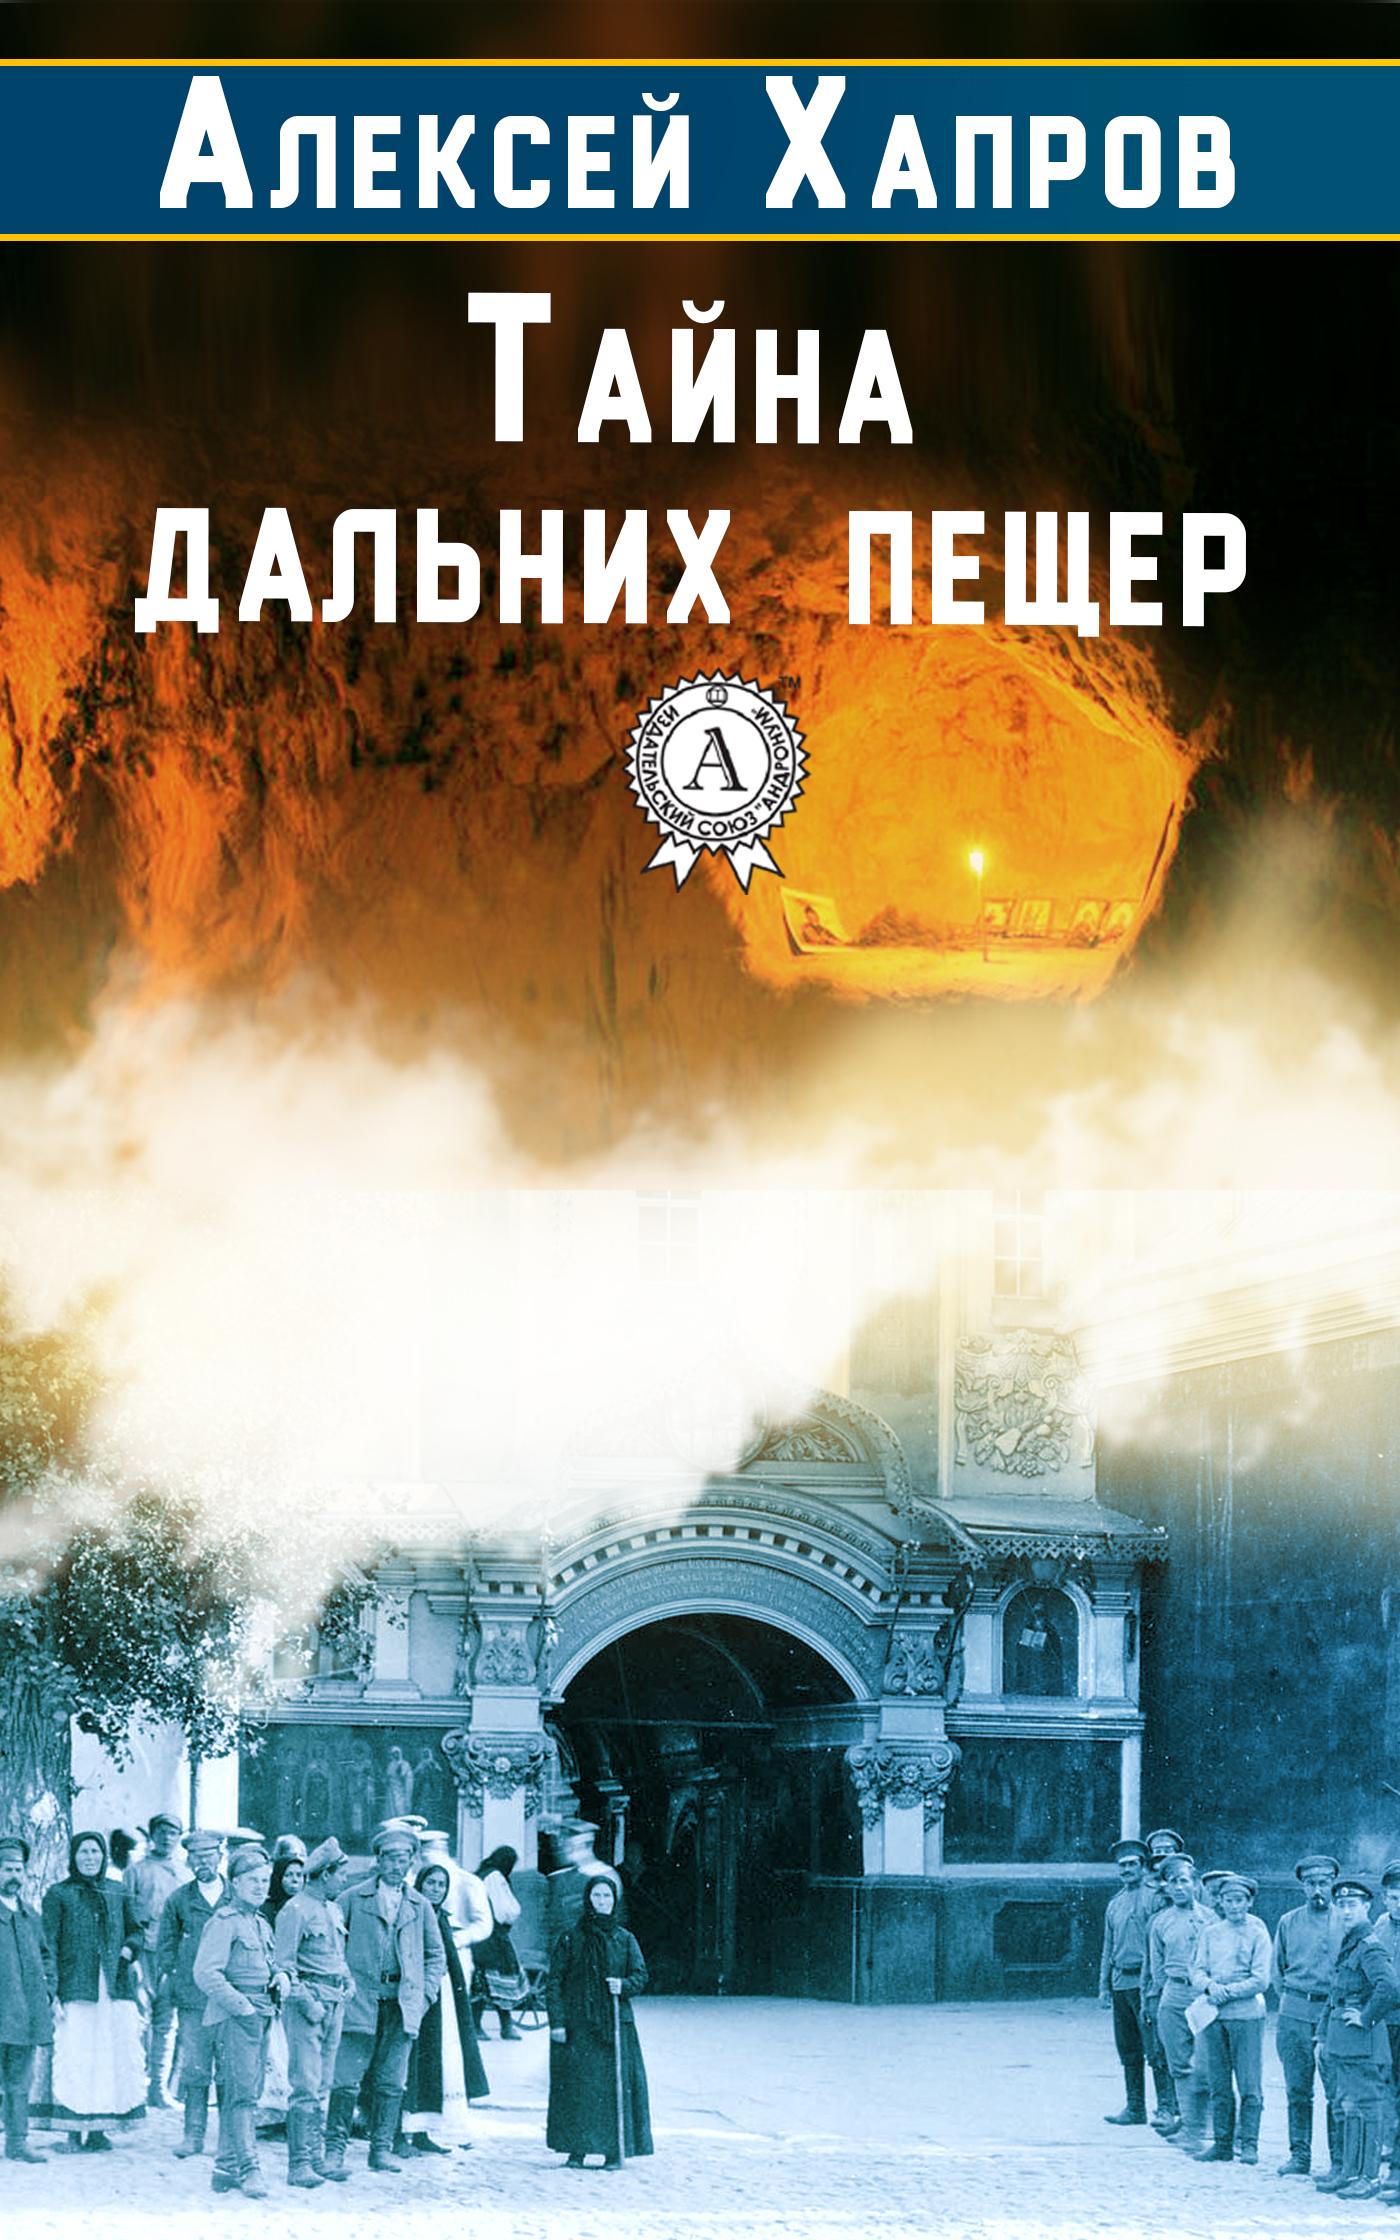 Алексей Викторович Хапров бесплатно